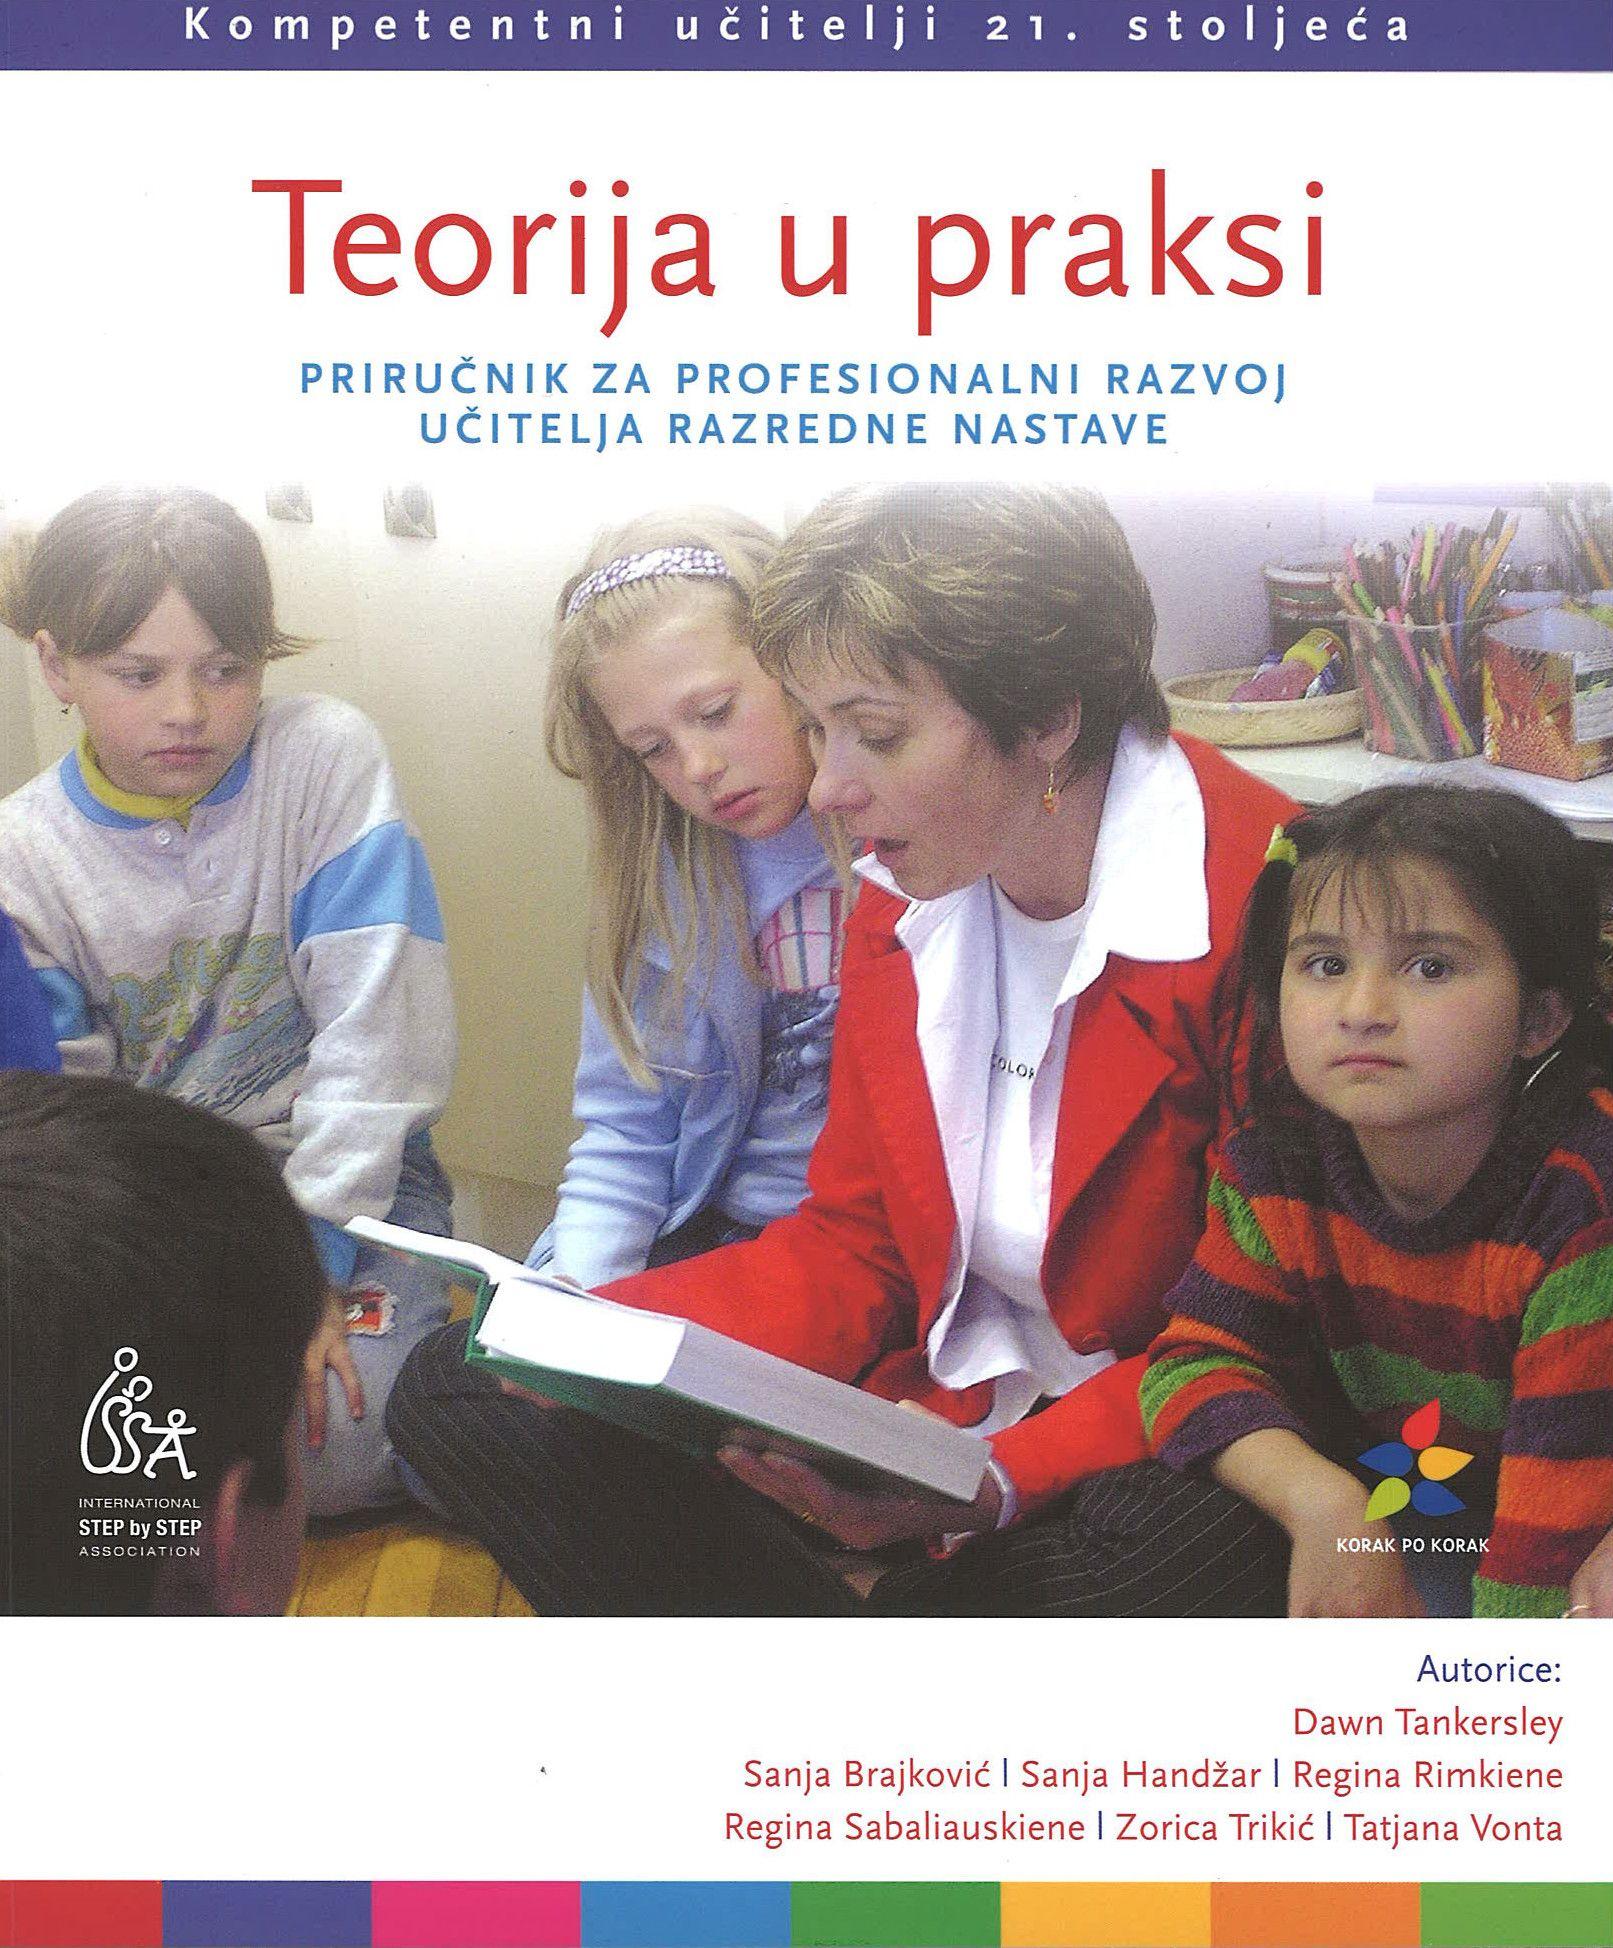 TEORIJA U PRAKSI - Priručnik za profesionalni razvoj učitelja